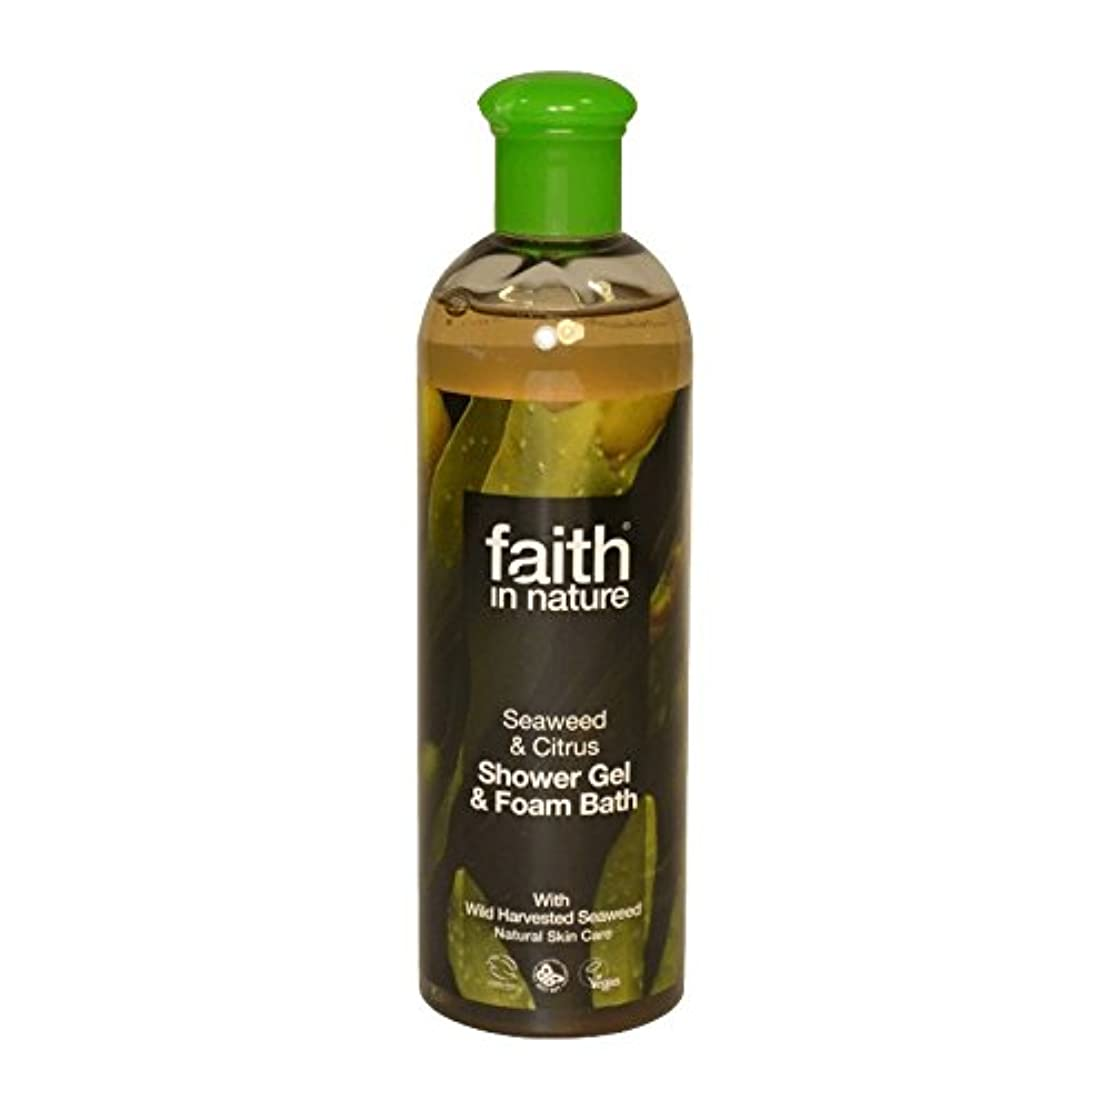 擬人郊外ホバートFaith in Nature Seaweed & Citrus Shower Gel & Bath Foam 400ml (Pack of 6) - 自然の海藻&シトラスシャワージェル&バス泡400ミリリットルの信仰...